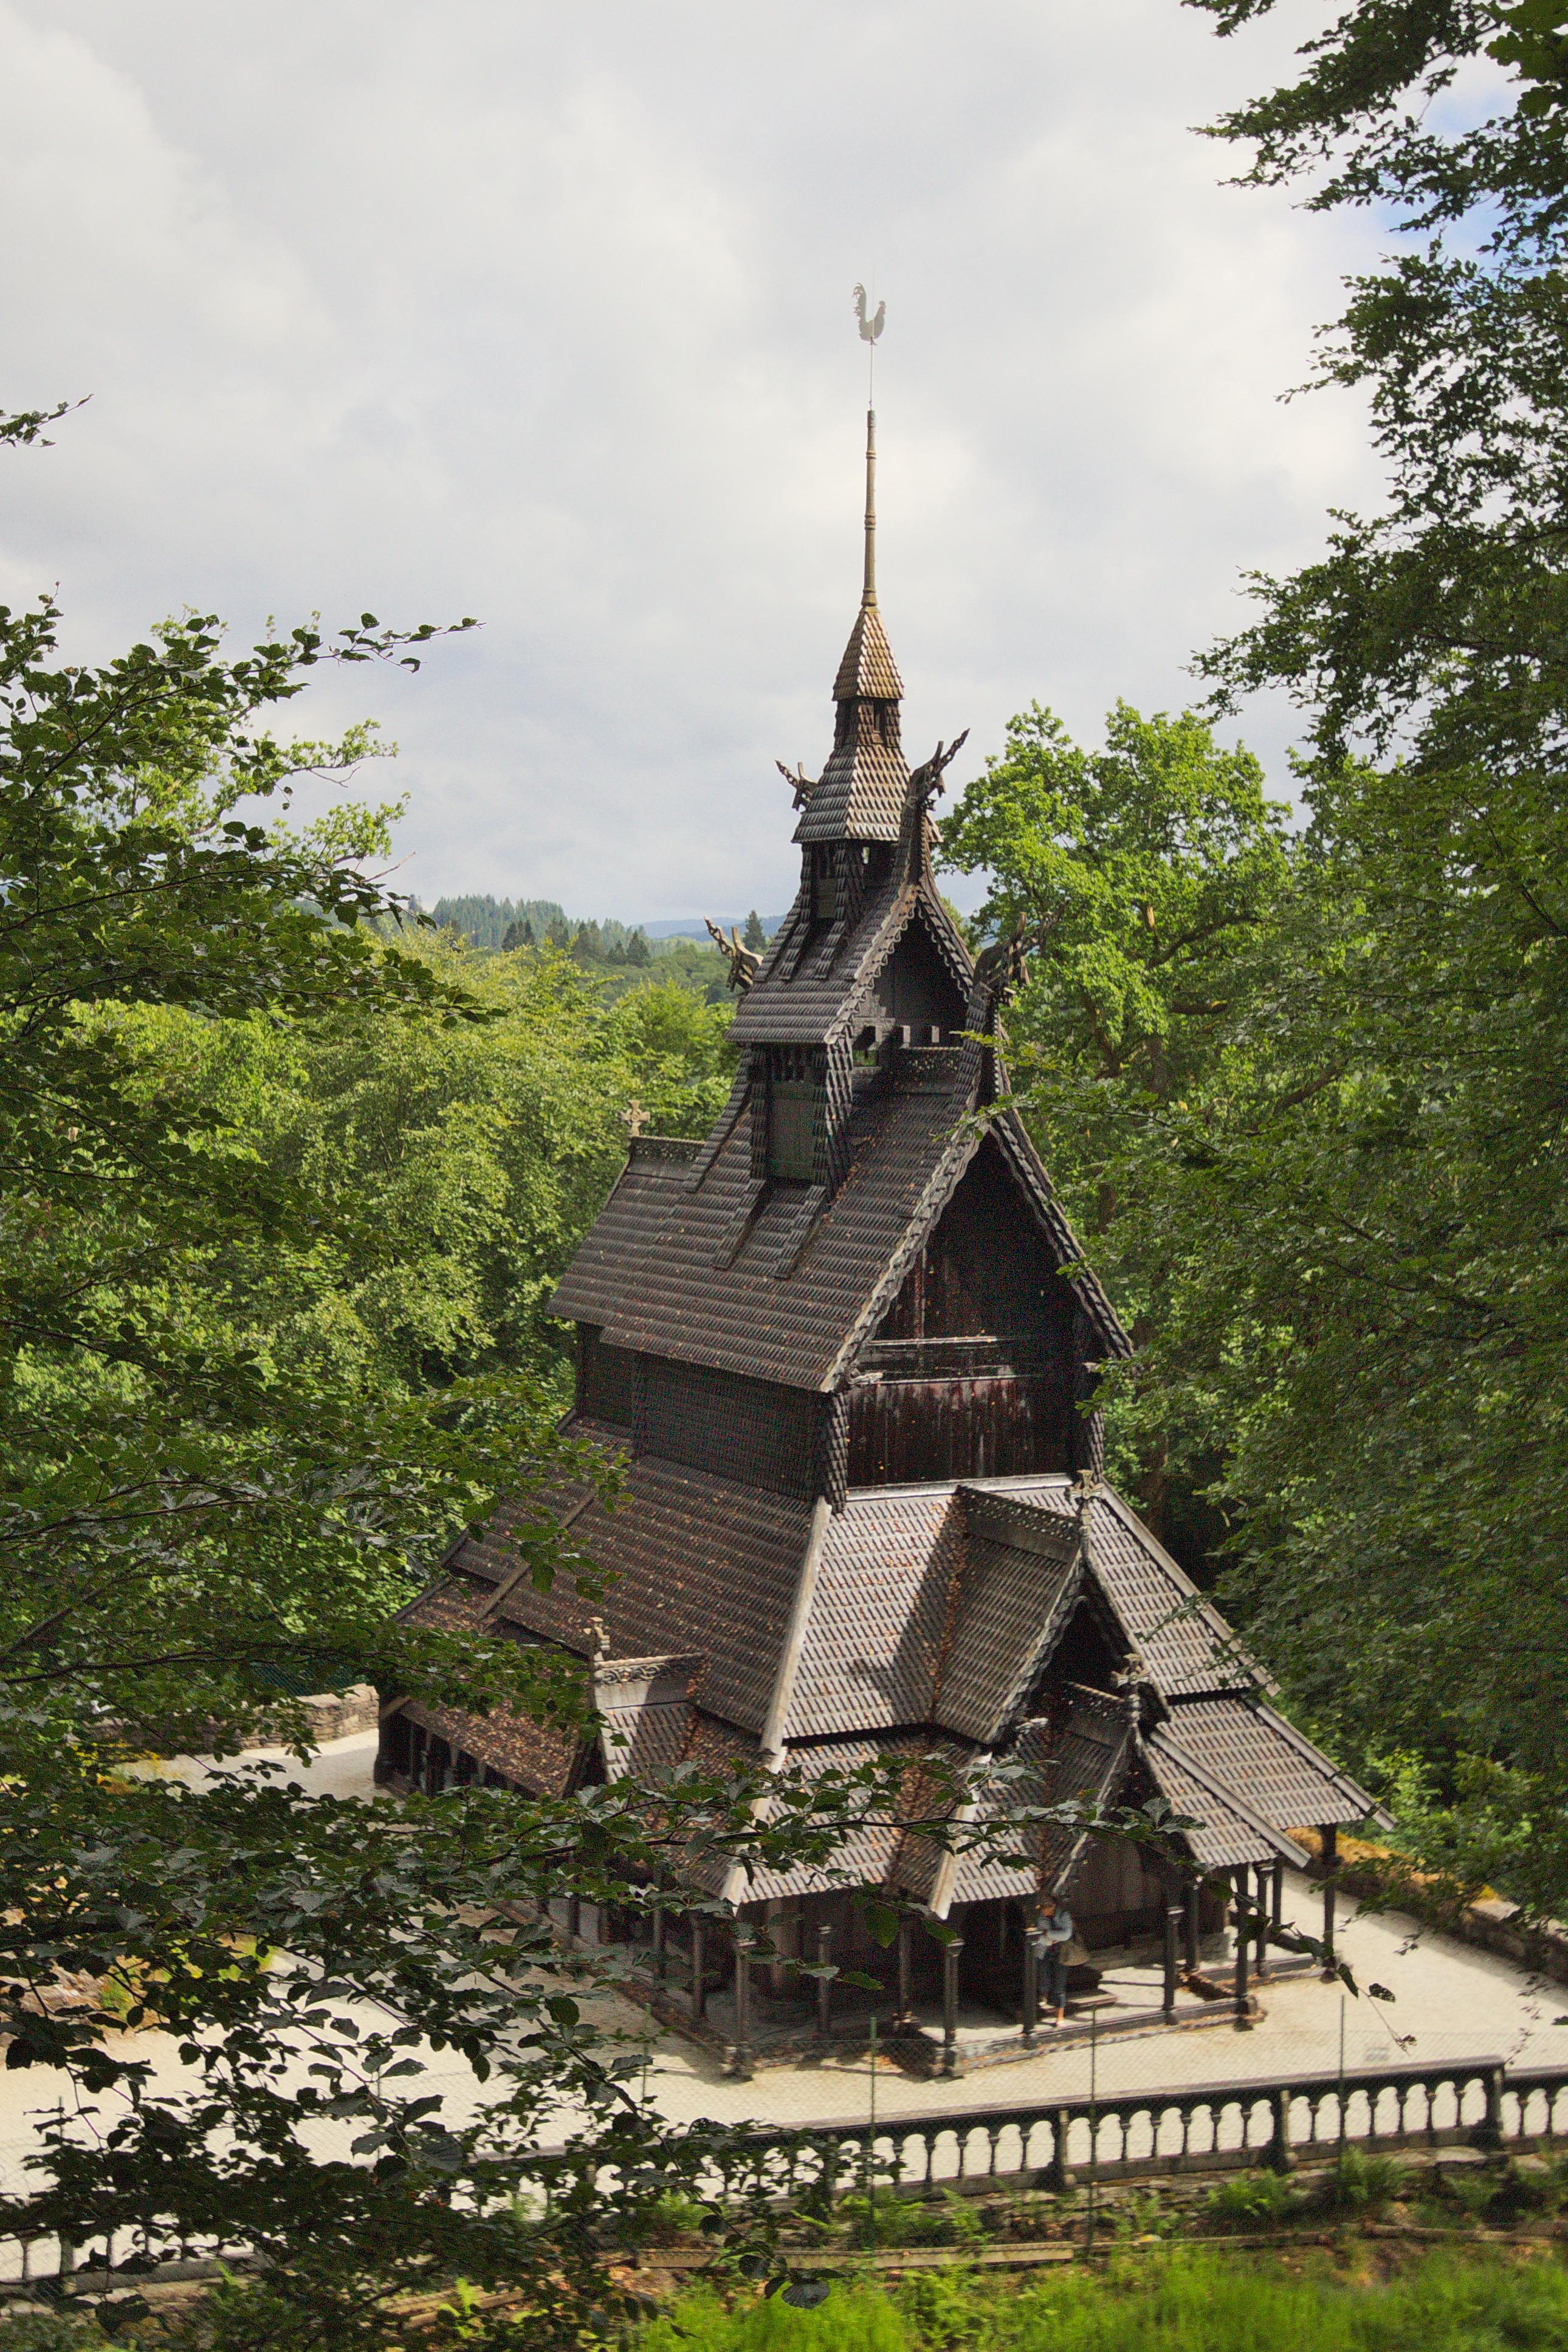 Fantoft Stave Church, Norway, 2018